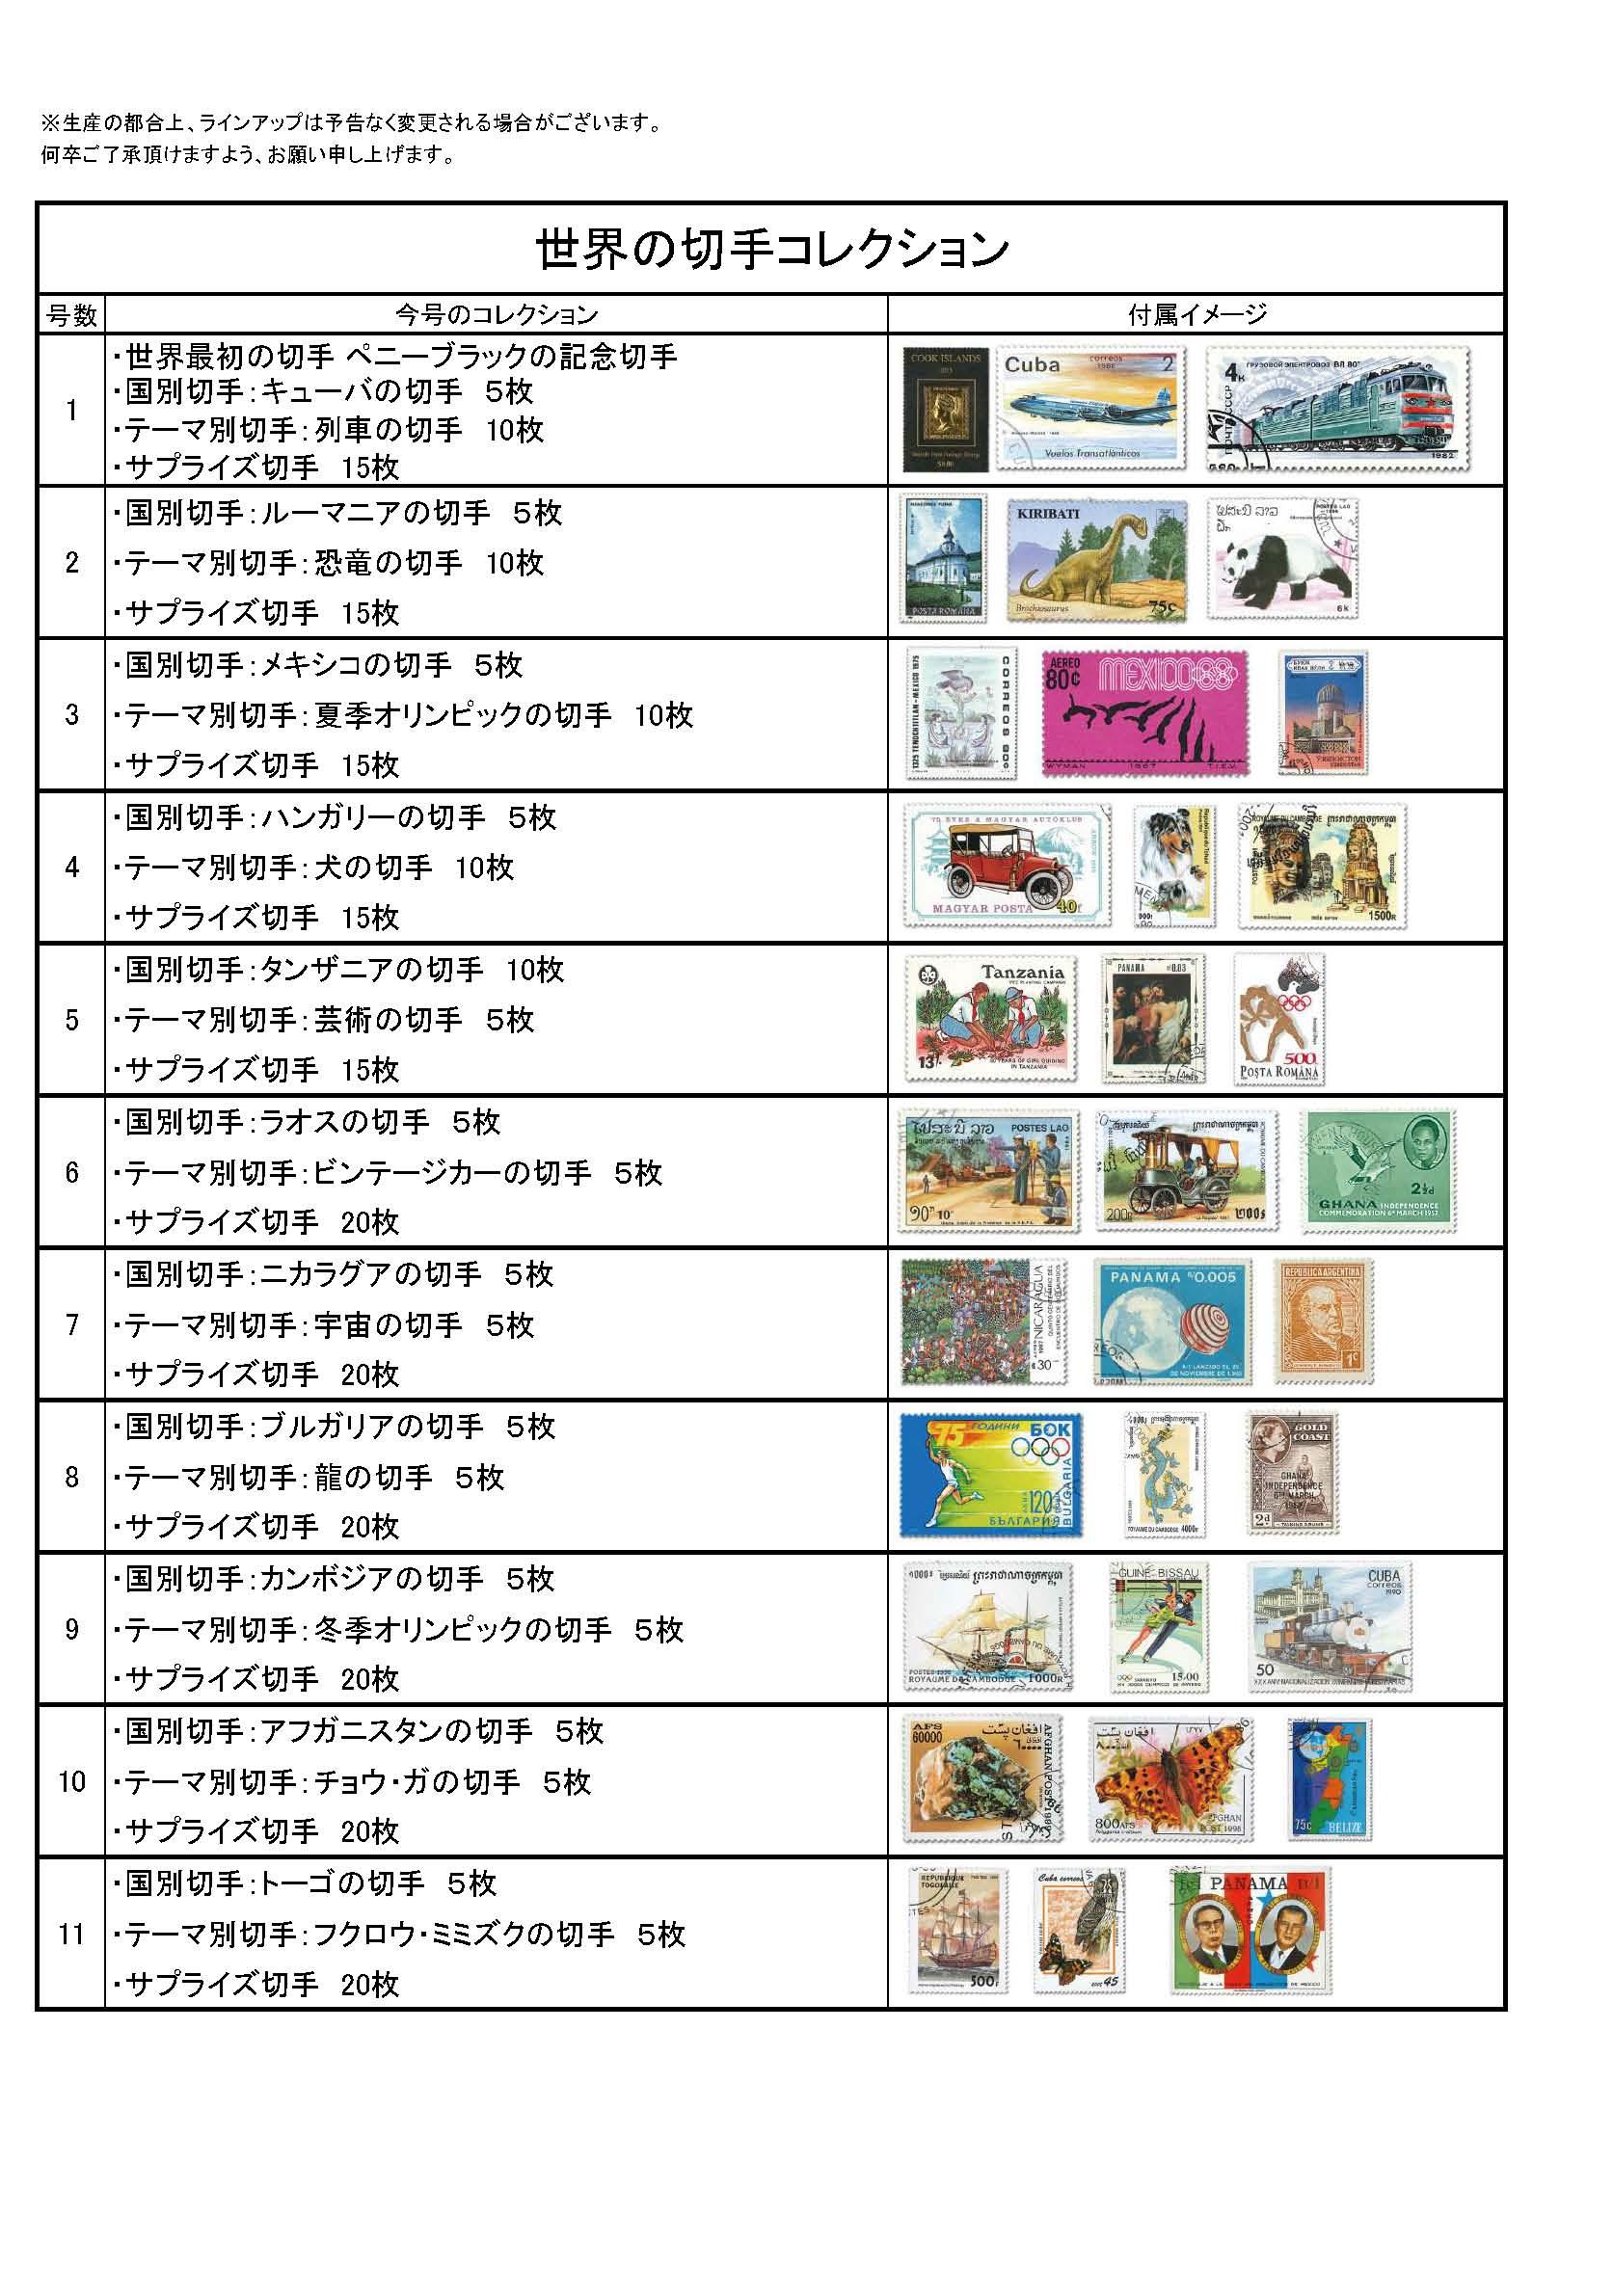 付属切手ラインナップ20170306_ページ_01.jpg